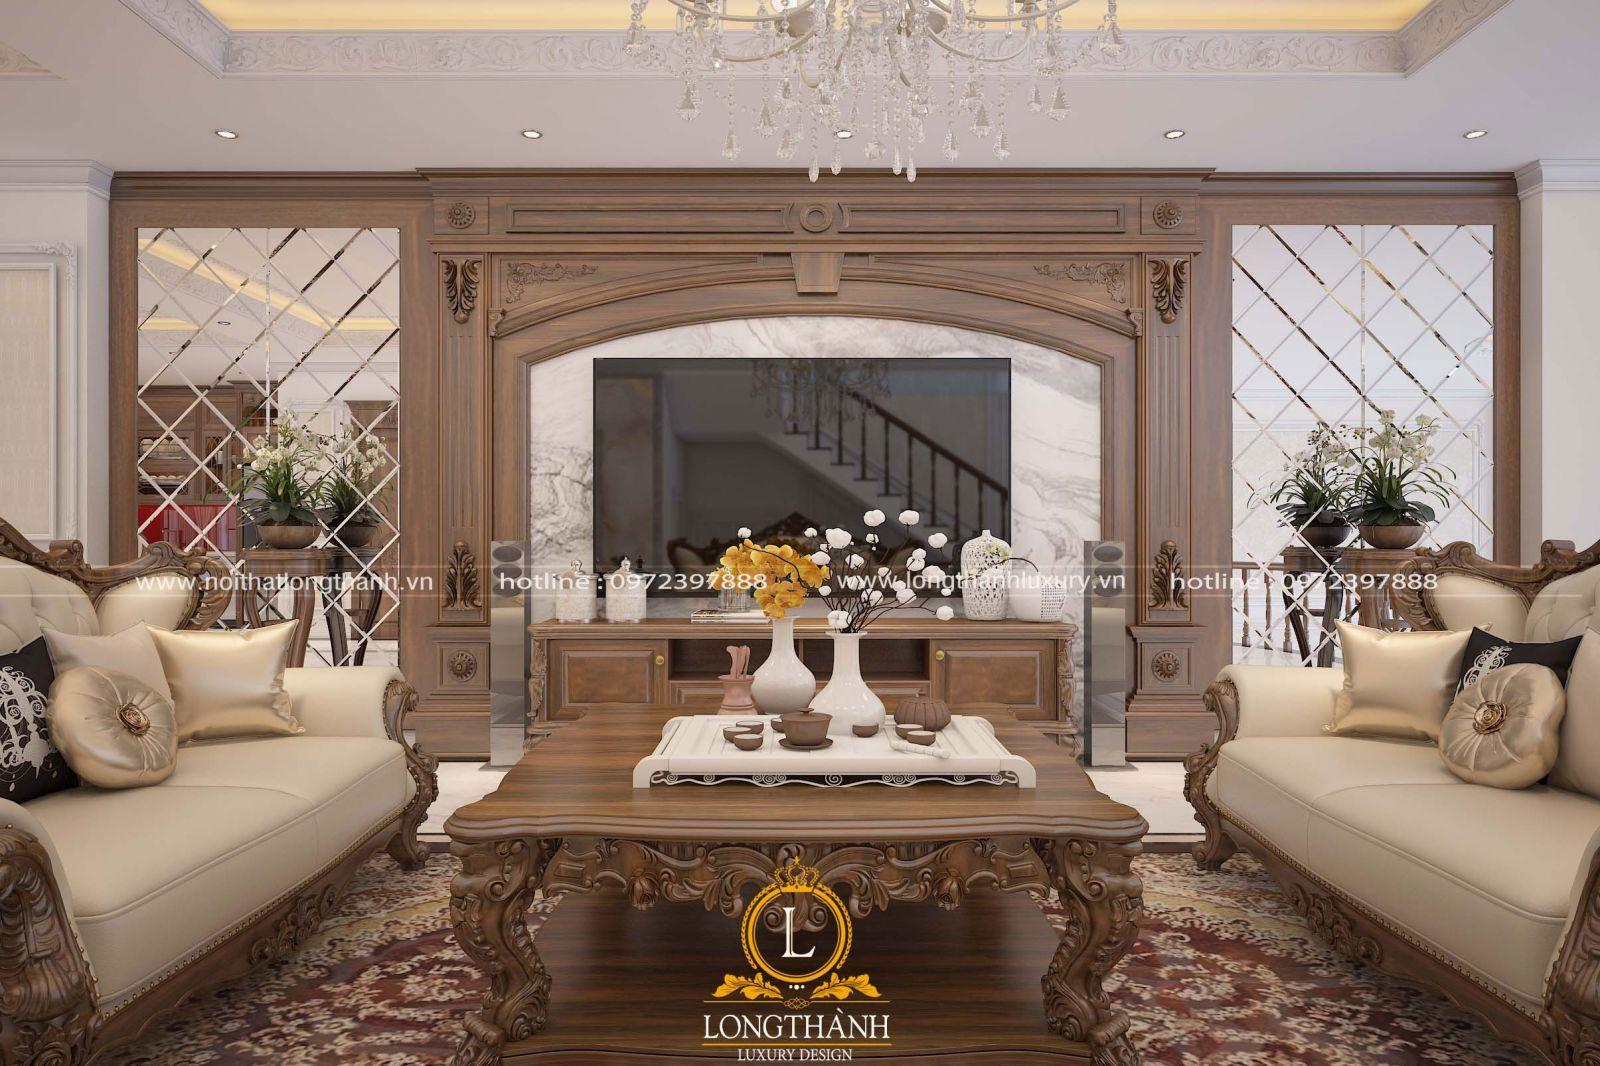 Không gian phòng khách đẹp được trang trí bởi hệ vách cân đối cùng đồ nội thất